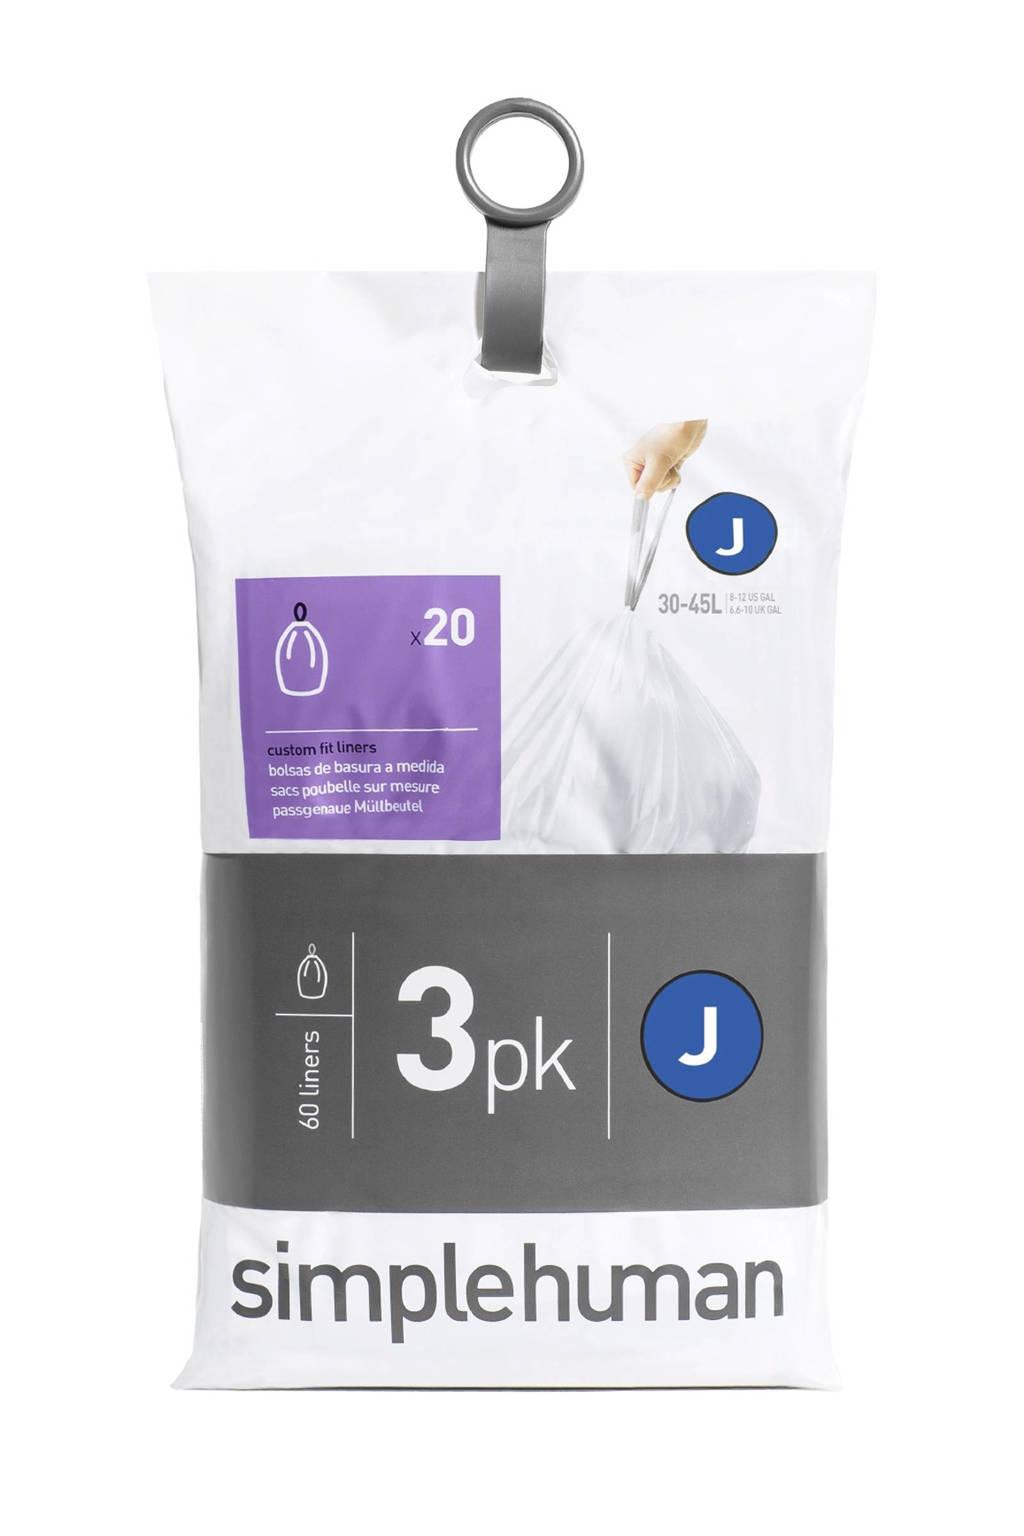 SimpleHuman 60 afvalzakken, code J 38-40 liter